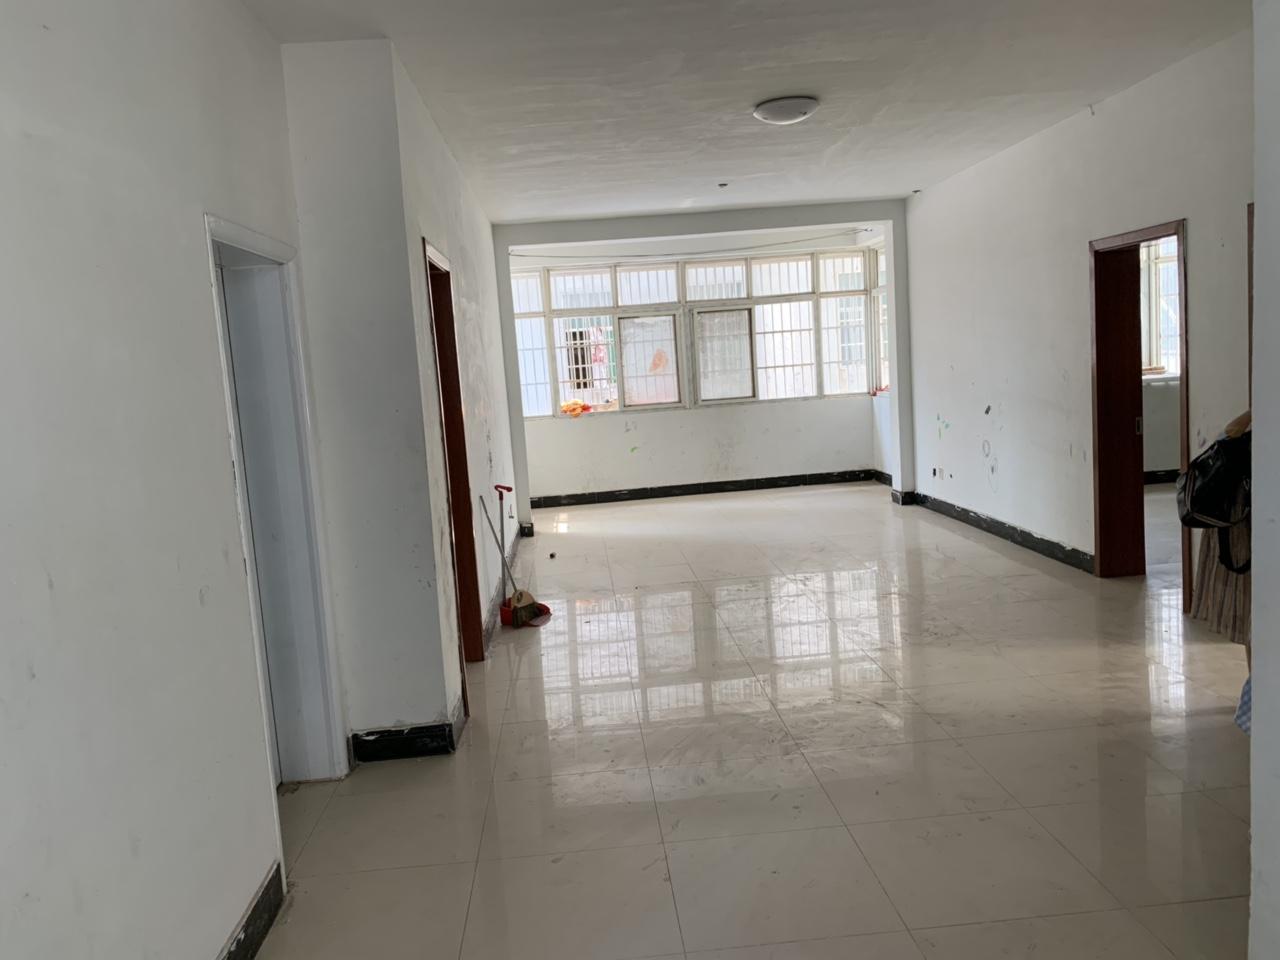 王柿圆新村2楼3室52万元